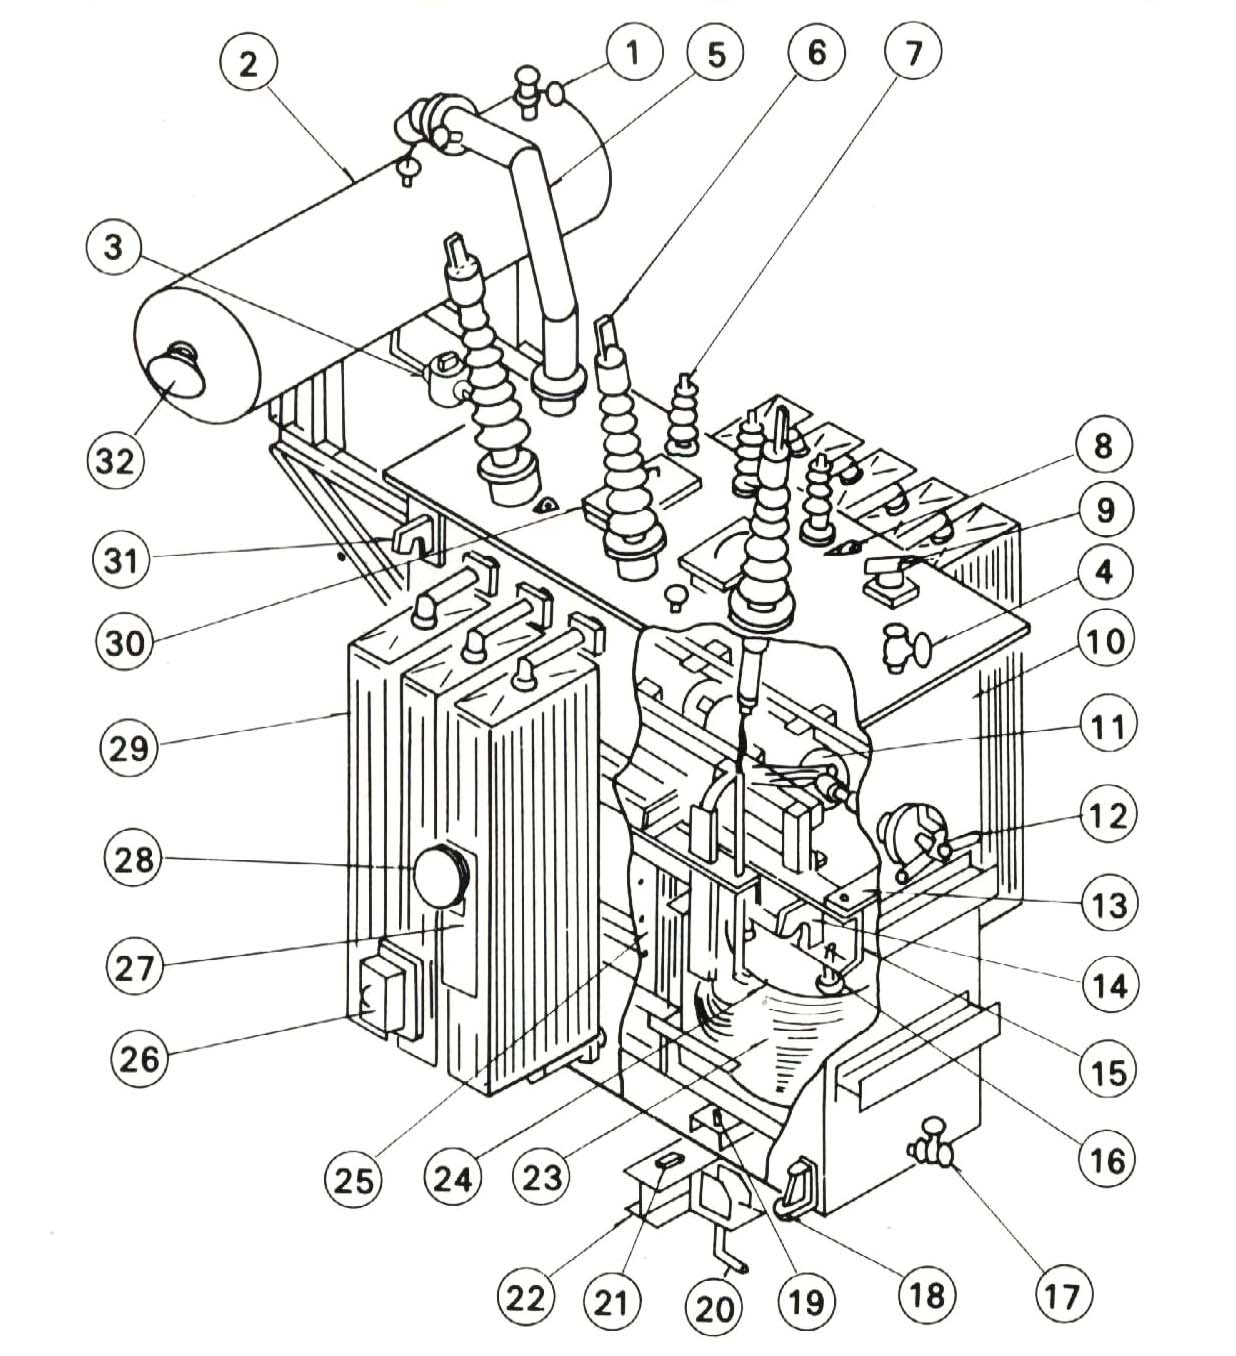 power trTransformer Drawings Or Diagrams #11